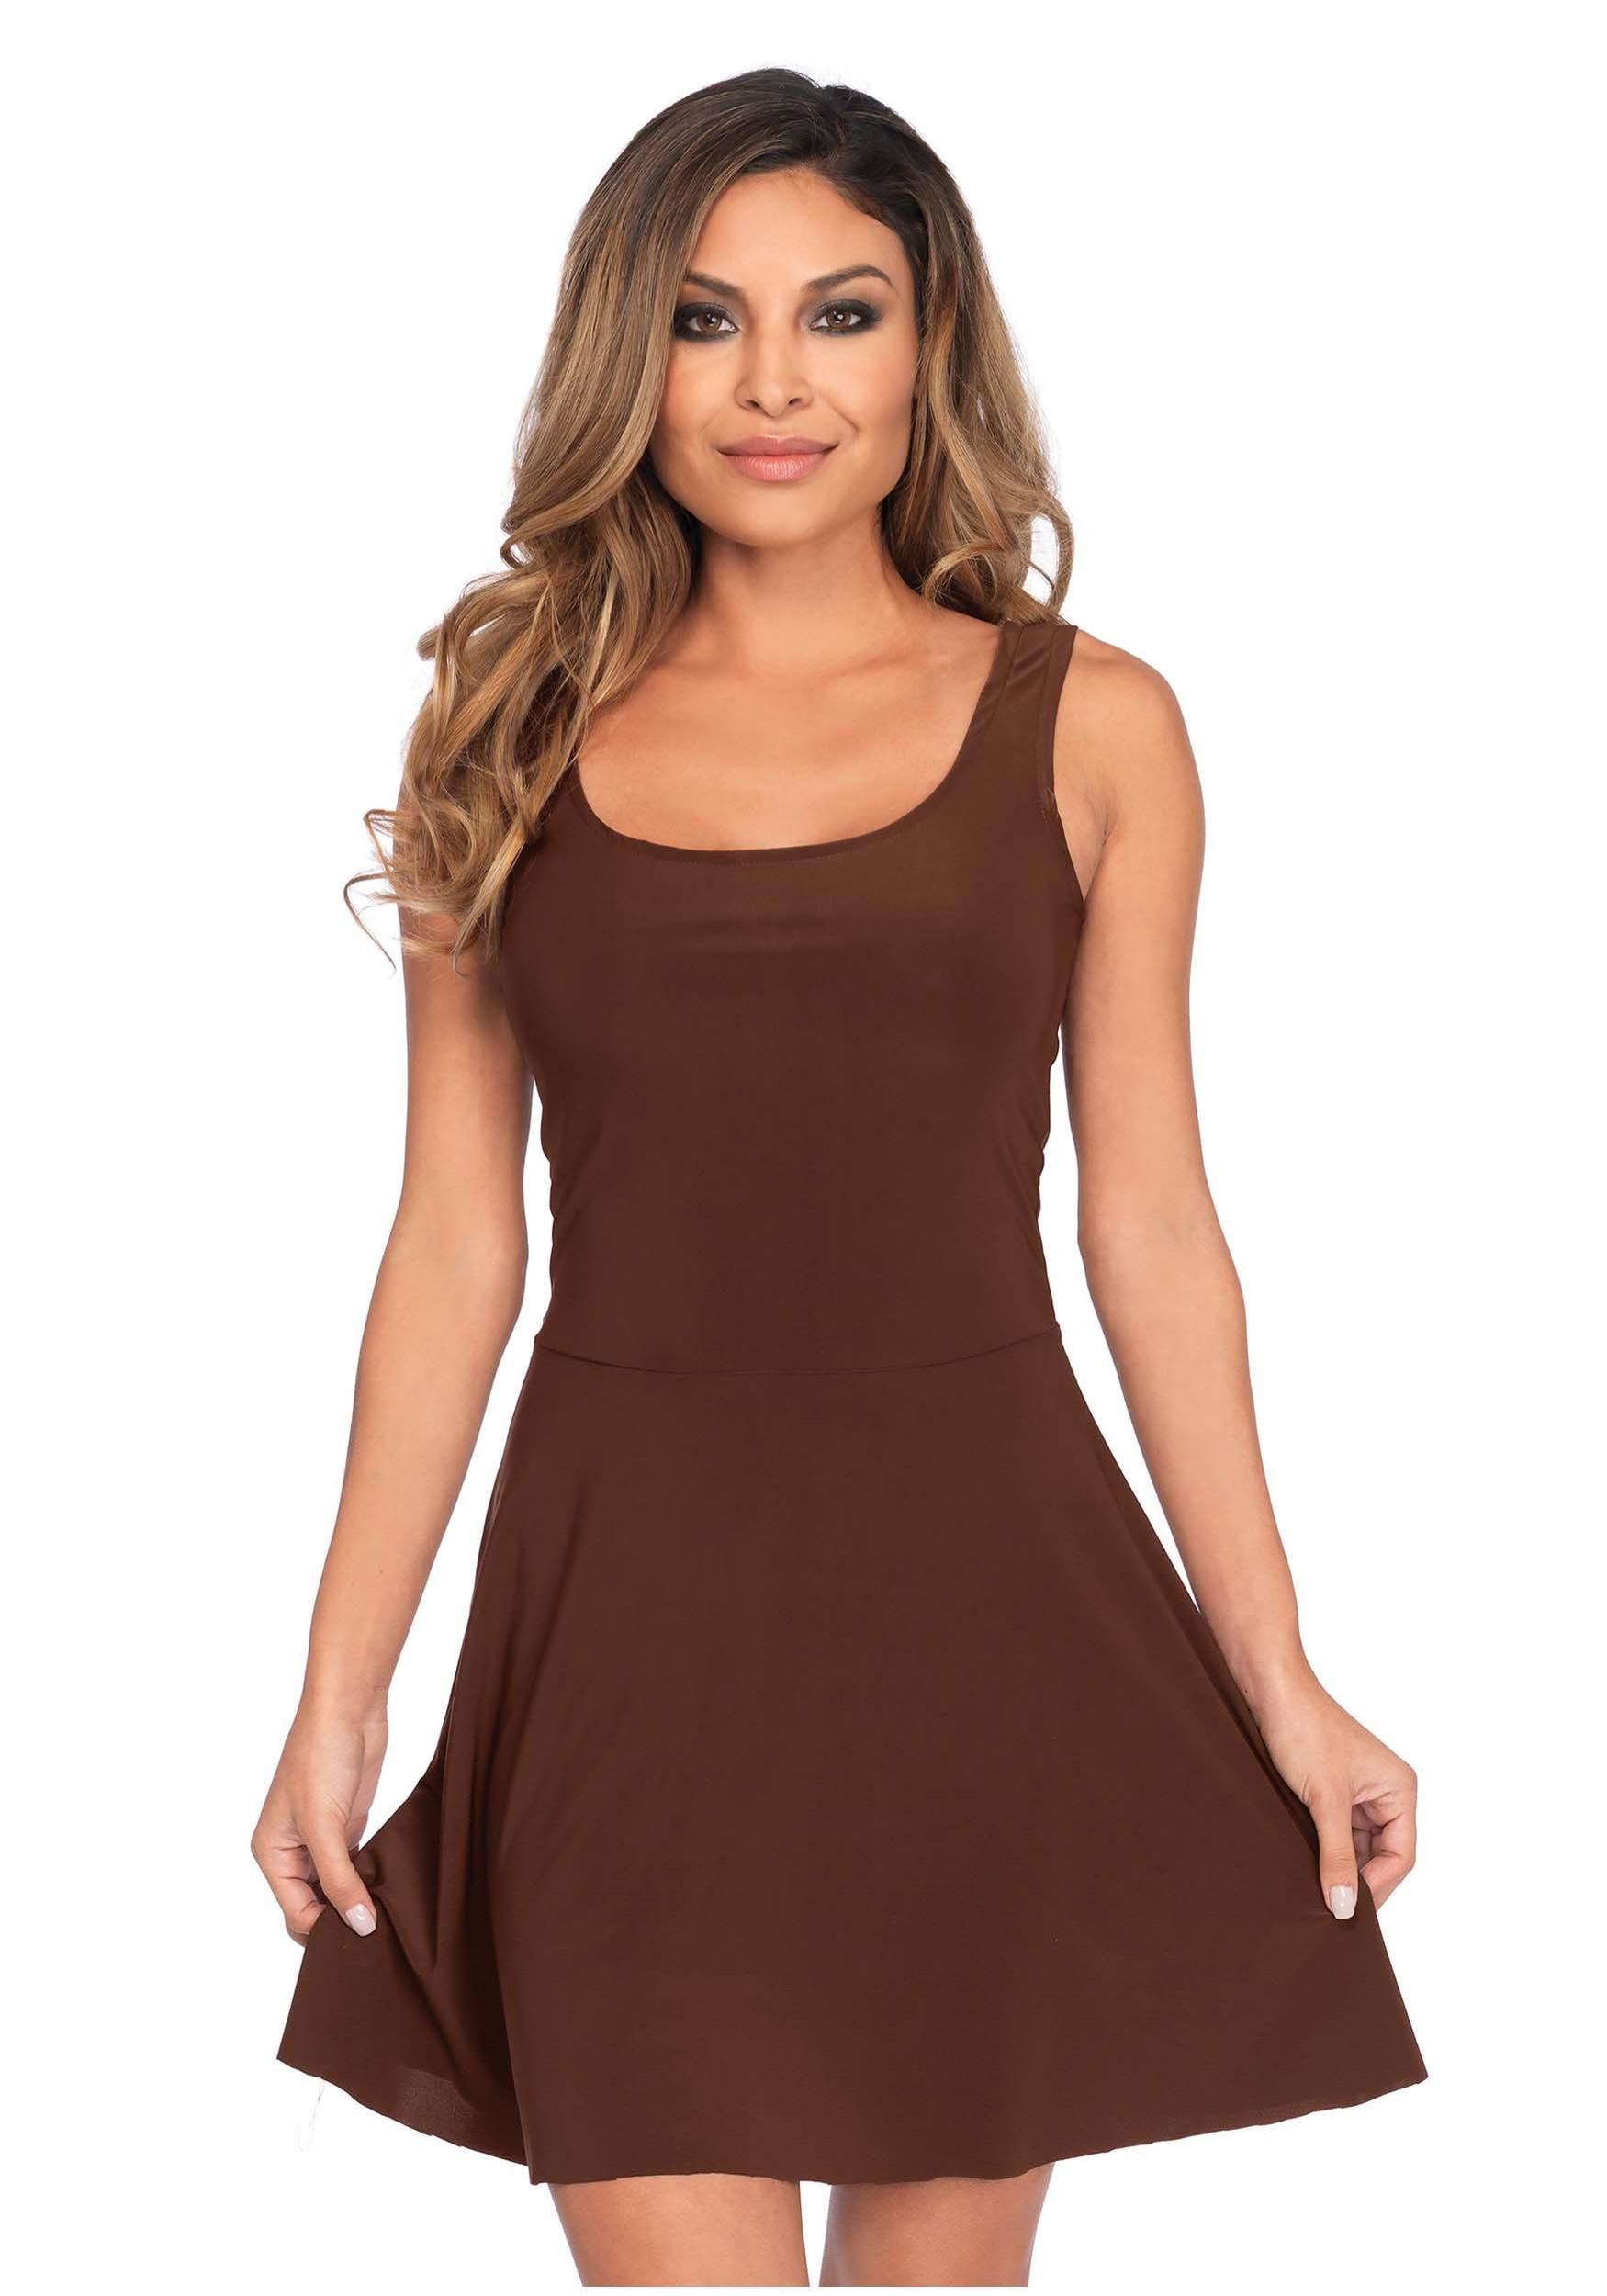 Basic Brown Skater Dress Costume for Women bd3956580